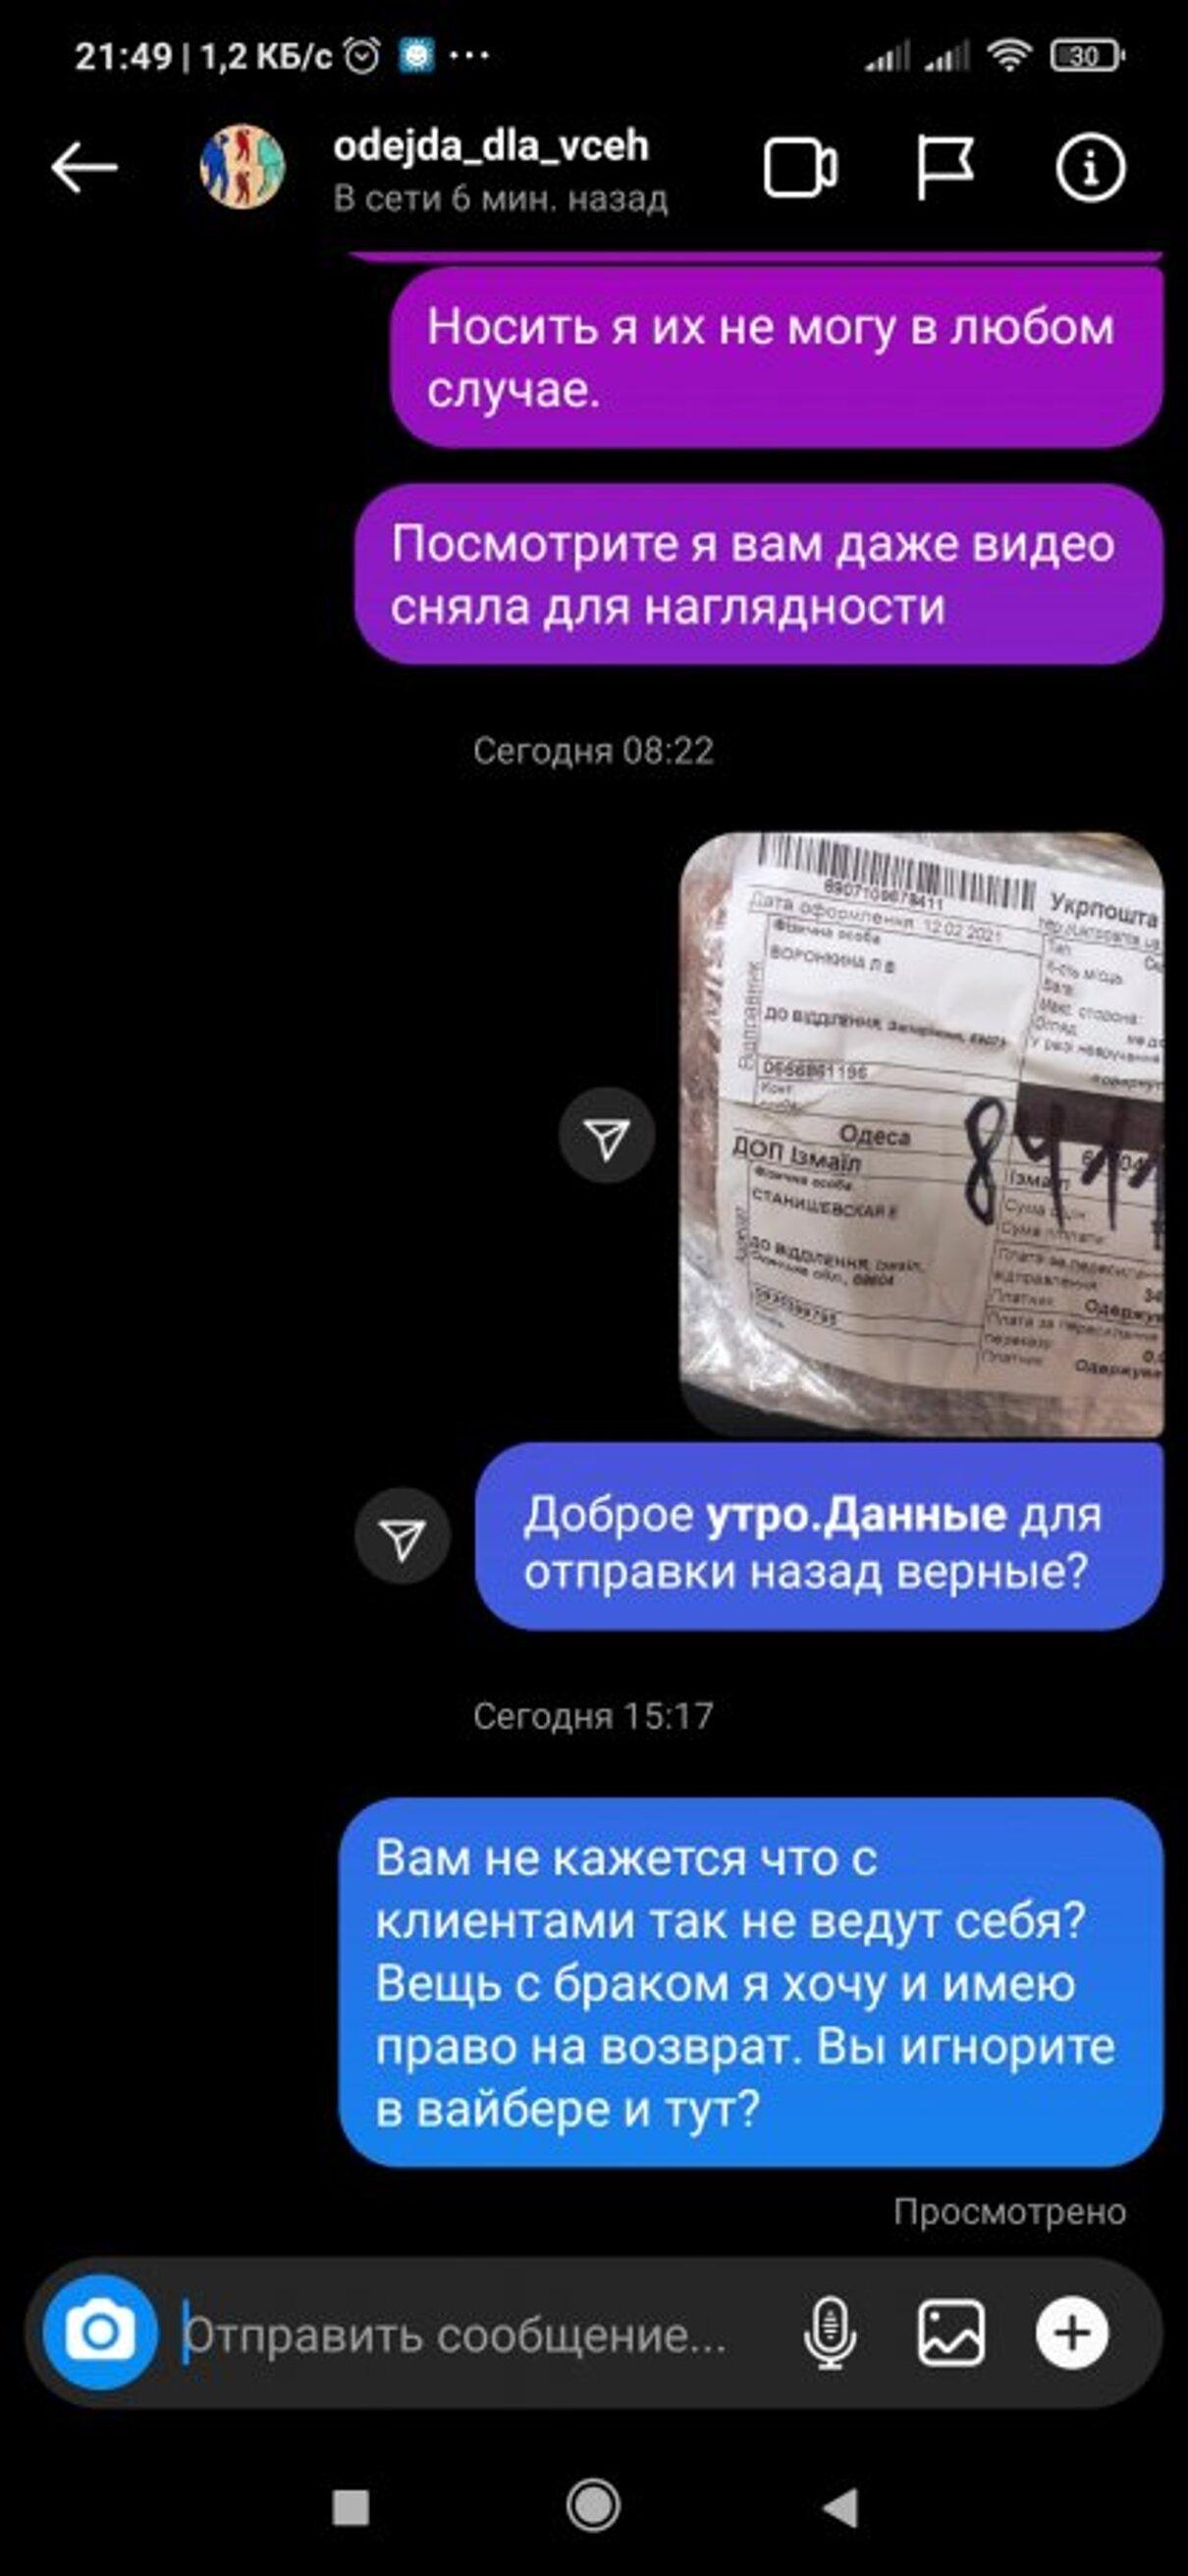 Жалоба-отзыв: Https://www.instagram.com/odejda_dla_vceh - Кидают на деньги и присылают хлам.  Фото №5